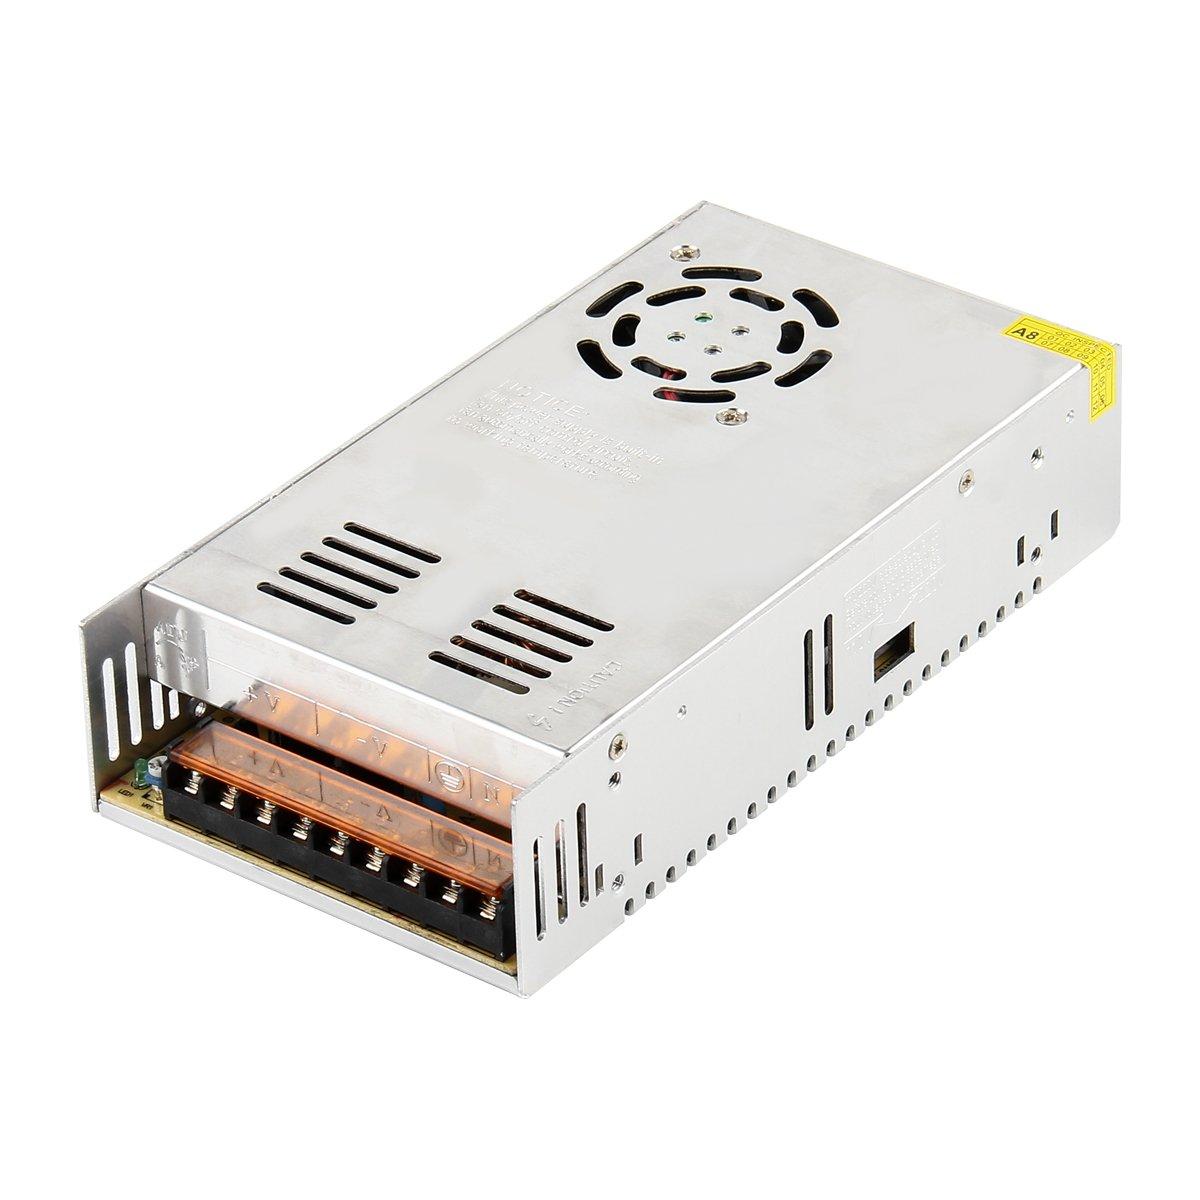 Transformateur 220v 12v SUPERNIGHT Alimentation à découpage AC220v à DC 12V 30A 360W Commutateur de Commutation régulateur Universel pour appareils ménagers, CCTV, Radio, Projet Informatique ECT.